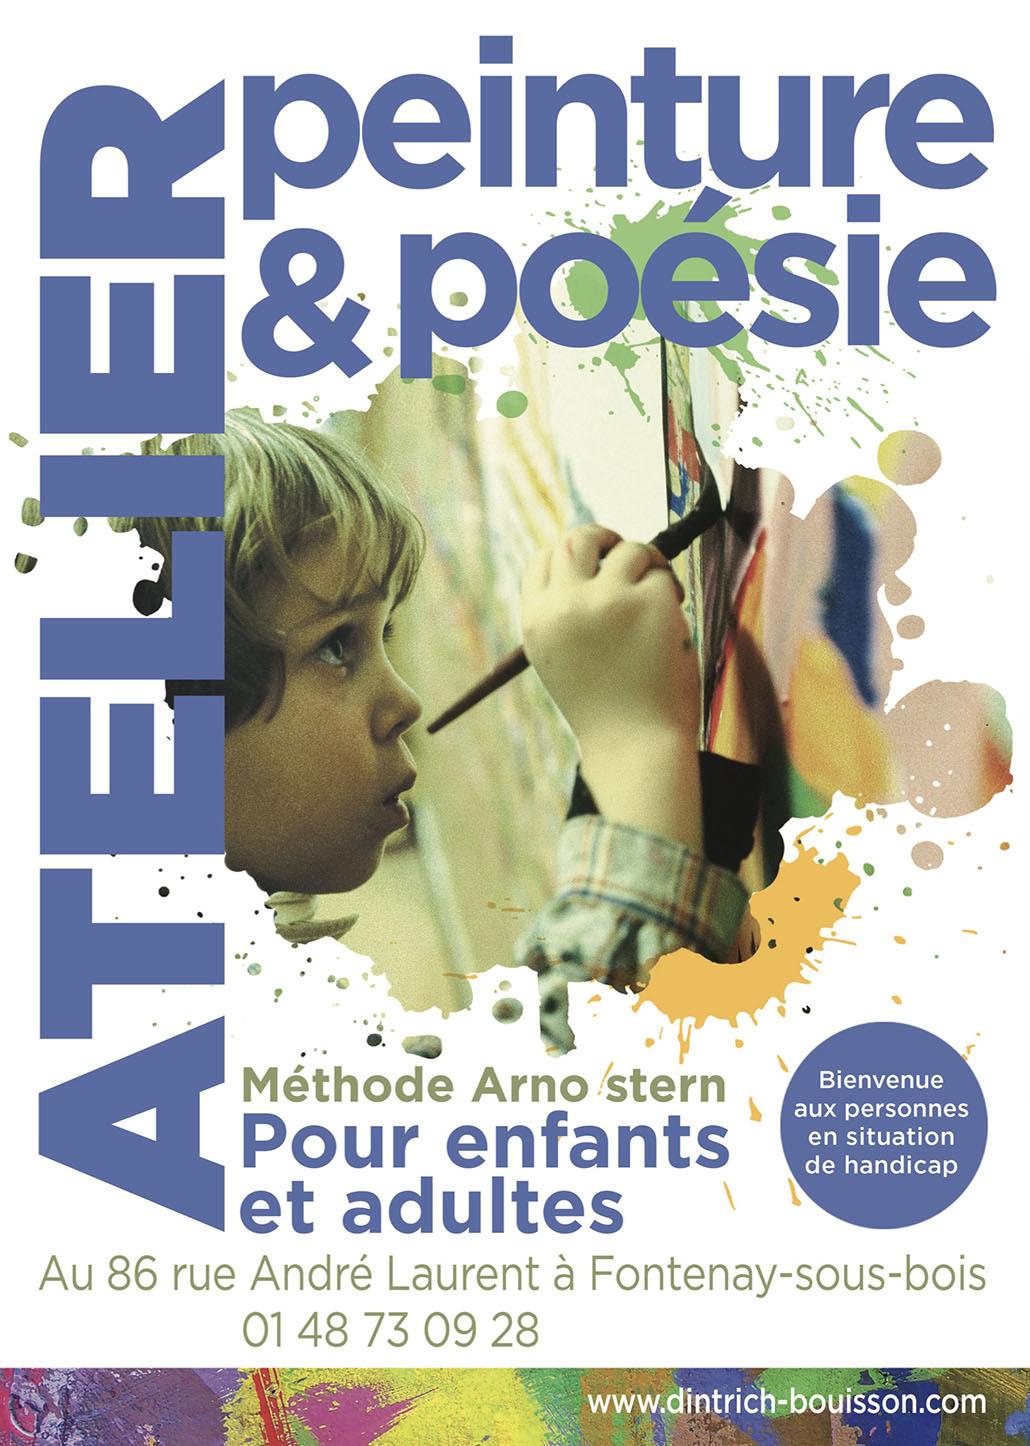 Ateliers Peinture et Poésie, animés par Valérie Dintrich Bouisson